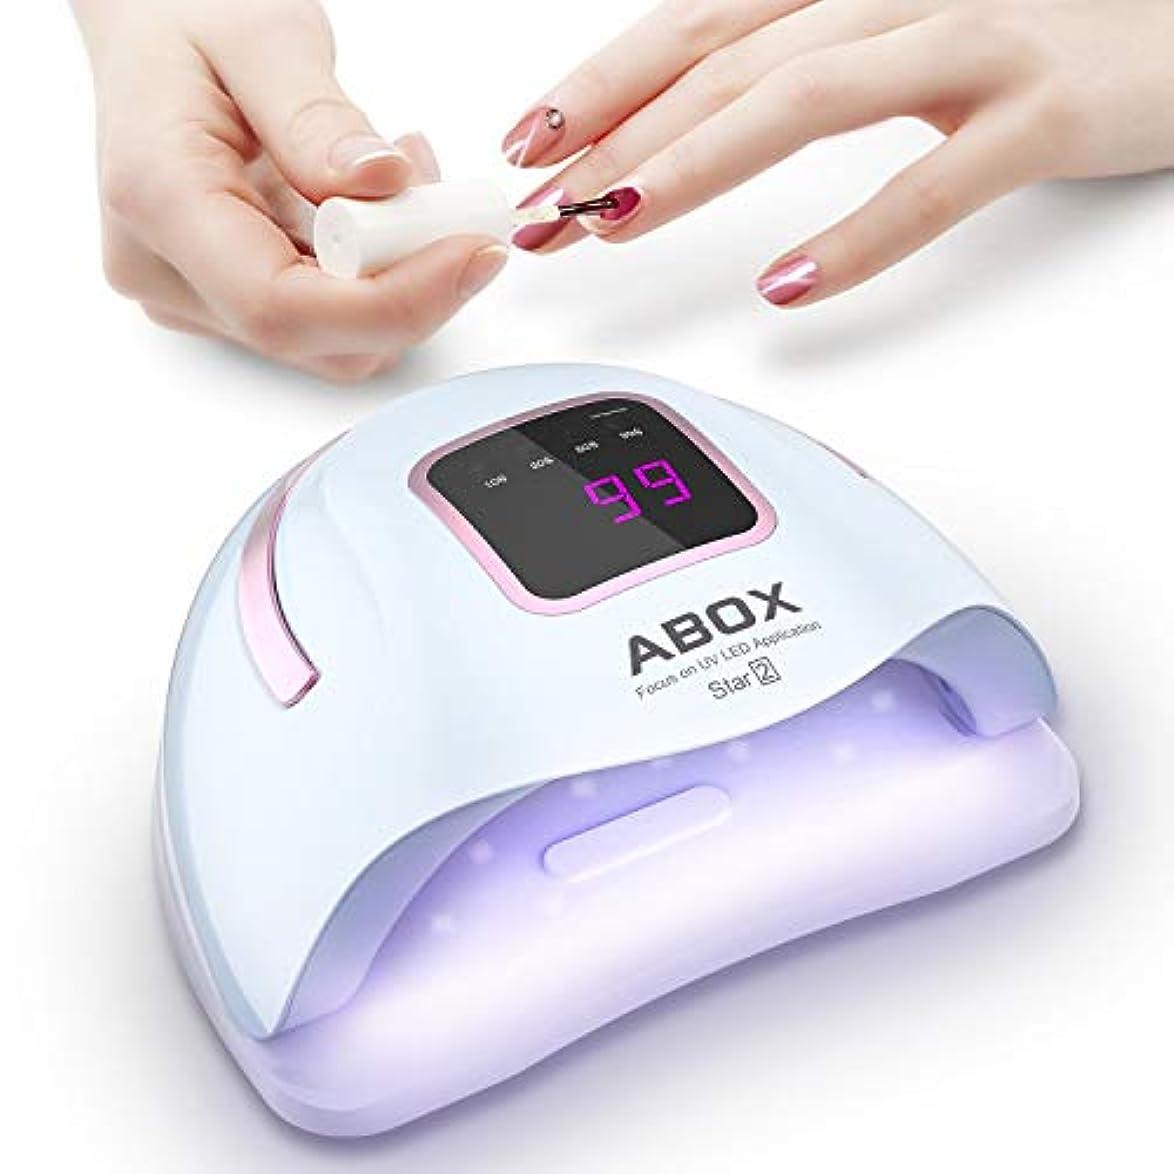 意見先入観麻酔薬ネイルドライヤー ABOX 72W 硬化用UV+LEDライト 4段階タイマー付き 自動センサー 携帯便利 ポリッシュもジェルネイル対応 時間目安 日本語説明書付き